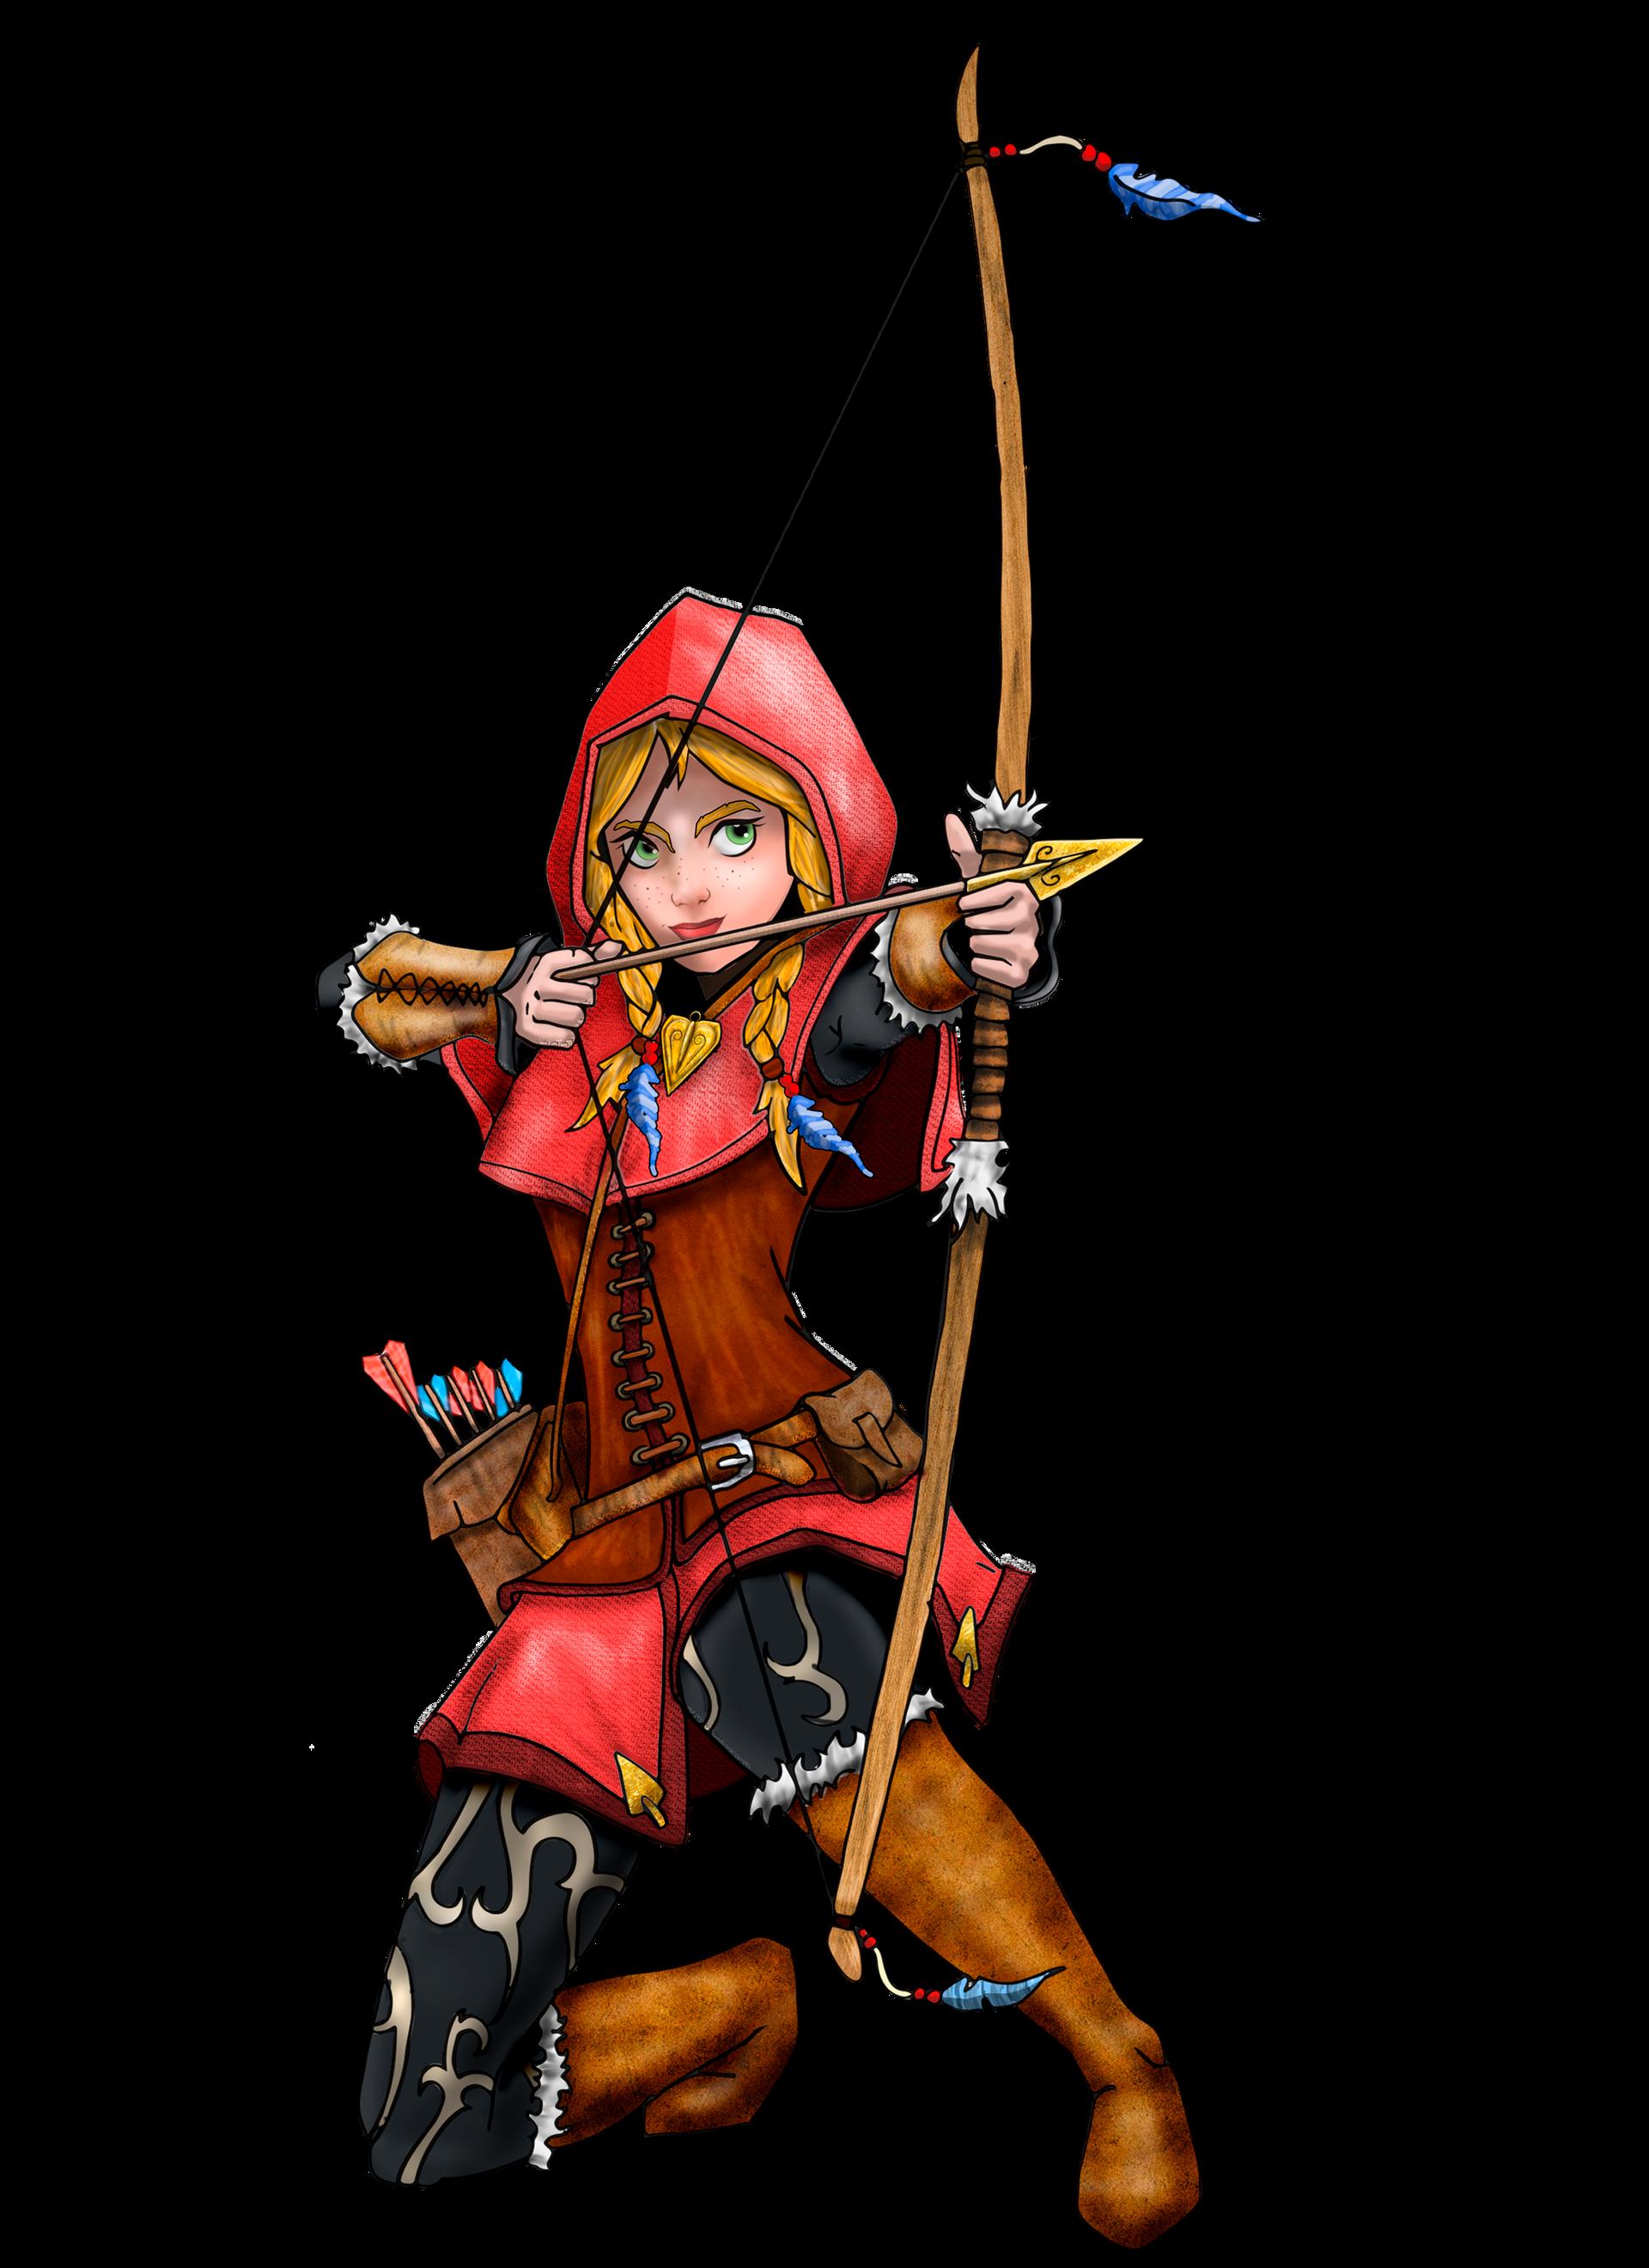 Caperucita roja con arco mágico